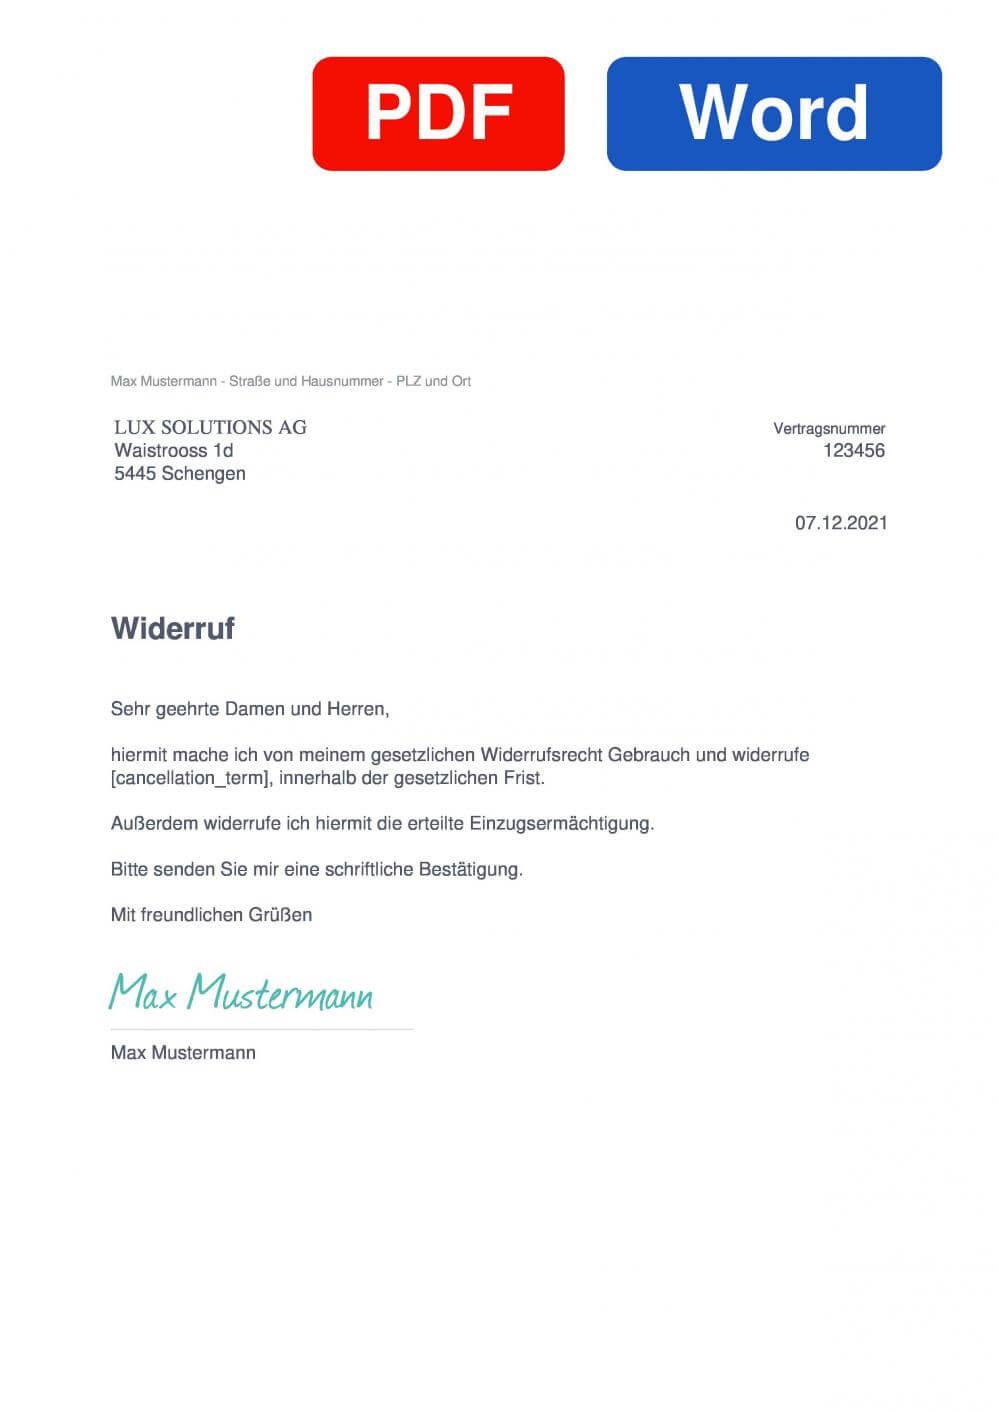 Europa Gewinnt Muster Vorlage für Wiederrufsschreiben